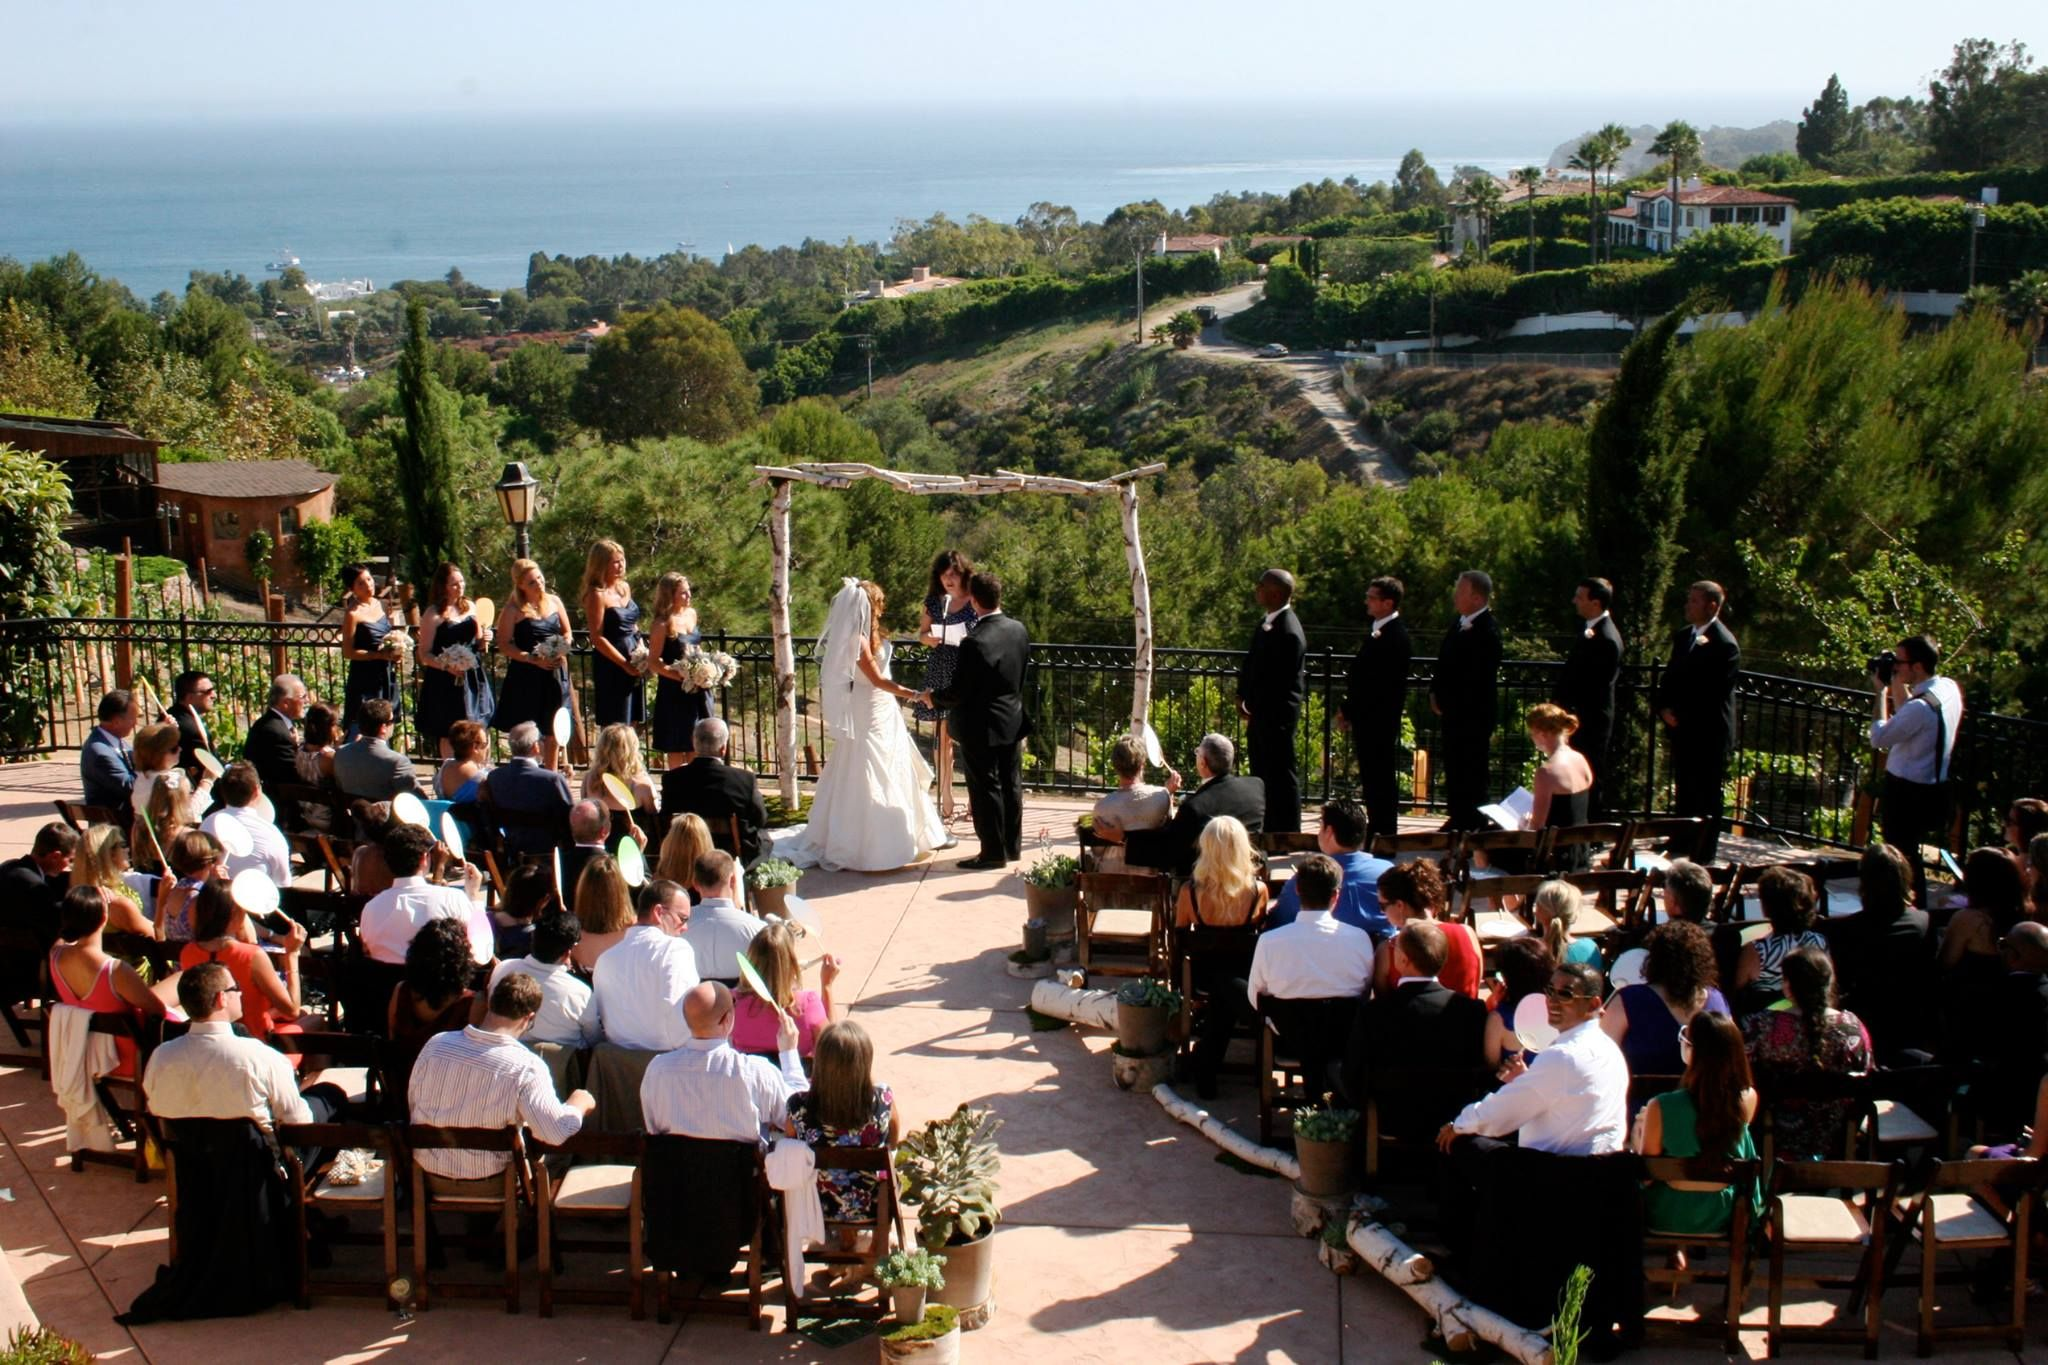 wedding venues on budget in california%0A The best wedding venue in Malibu  Malibu Villa Skyletta